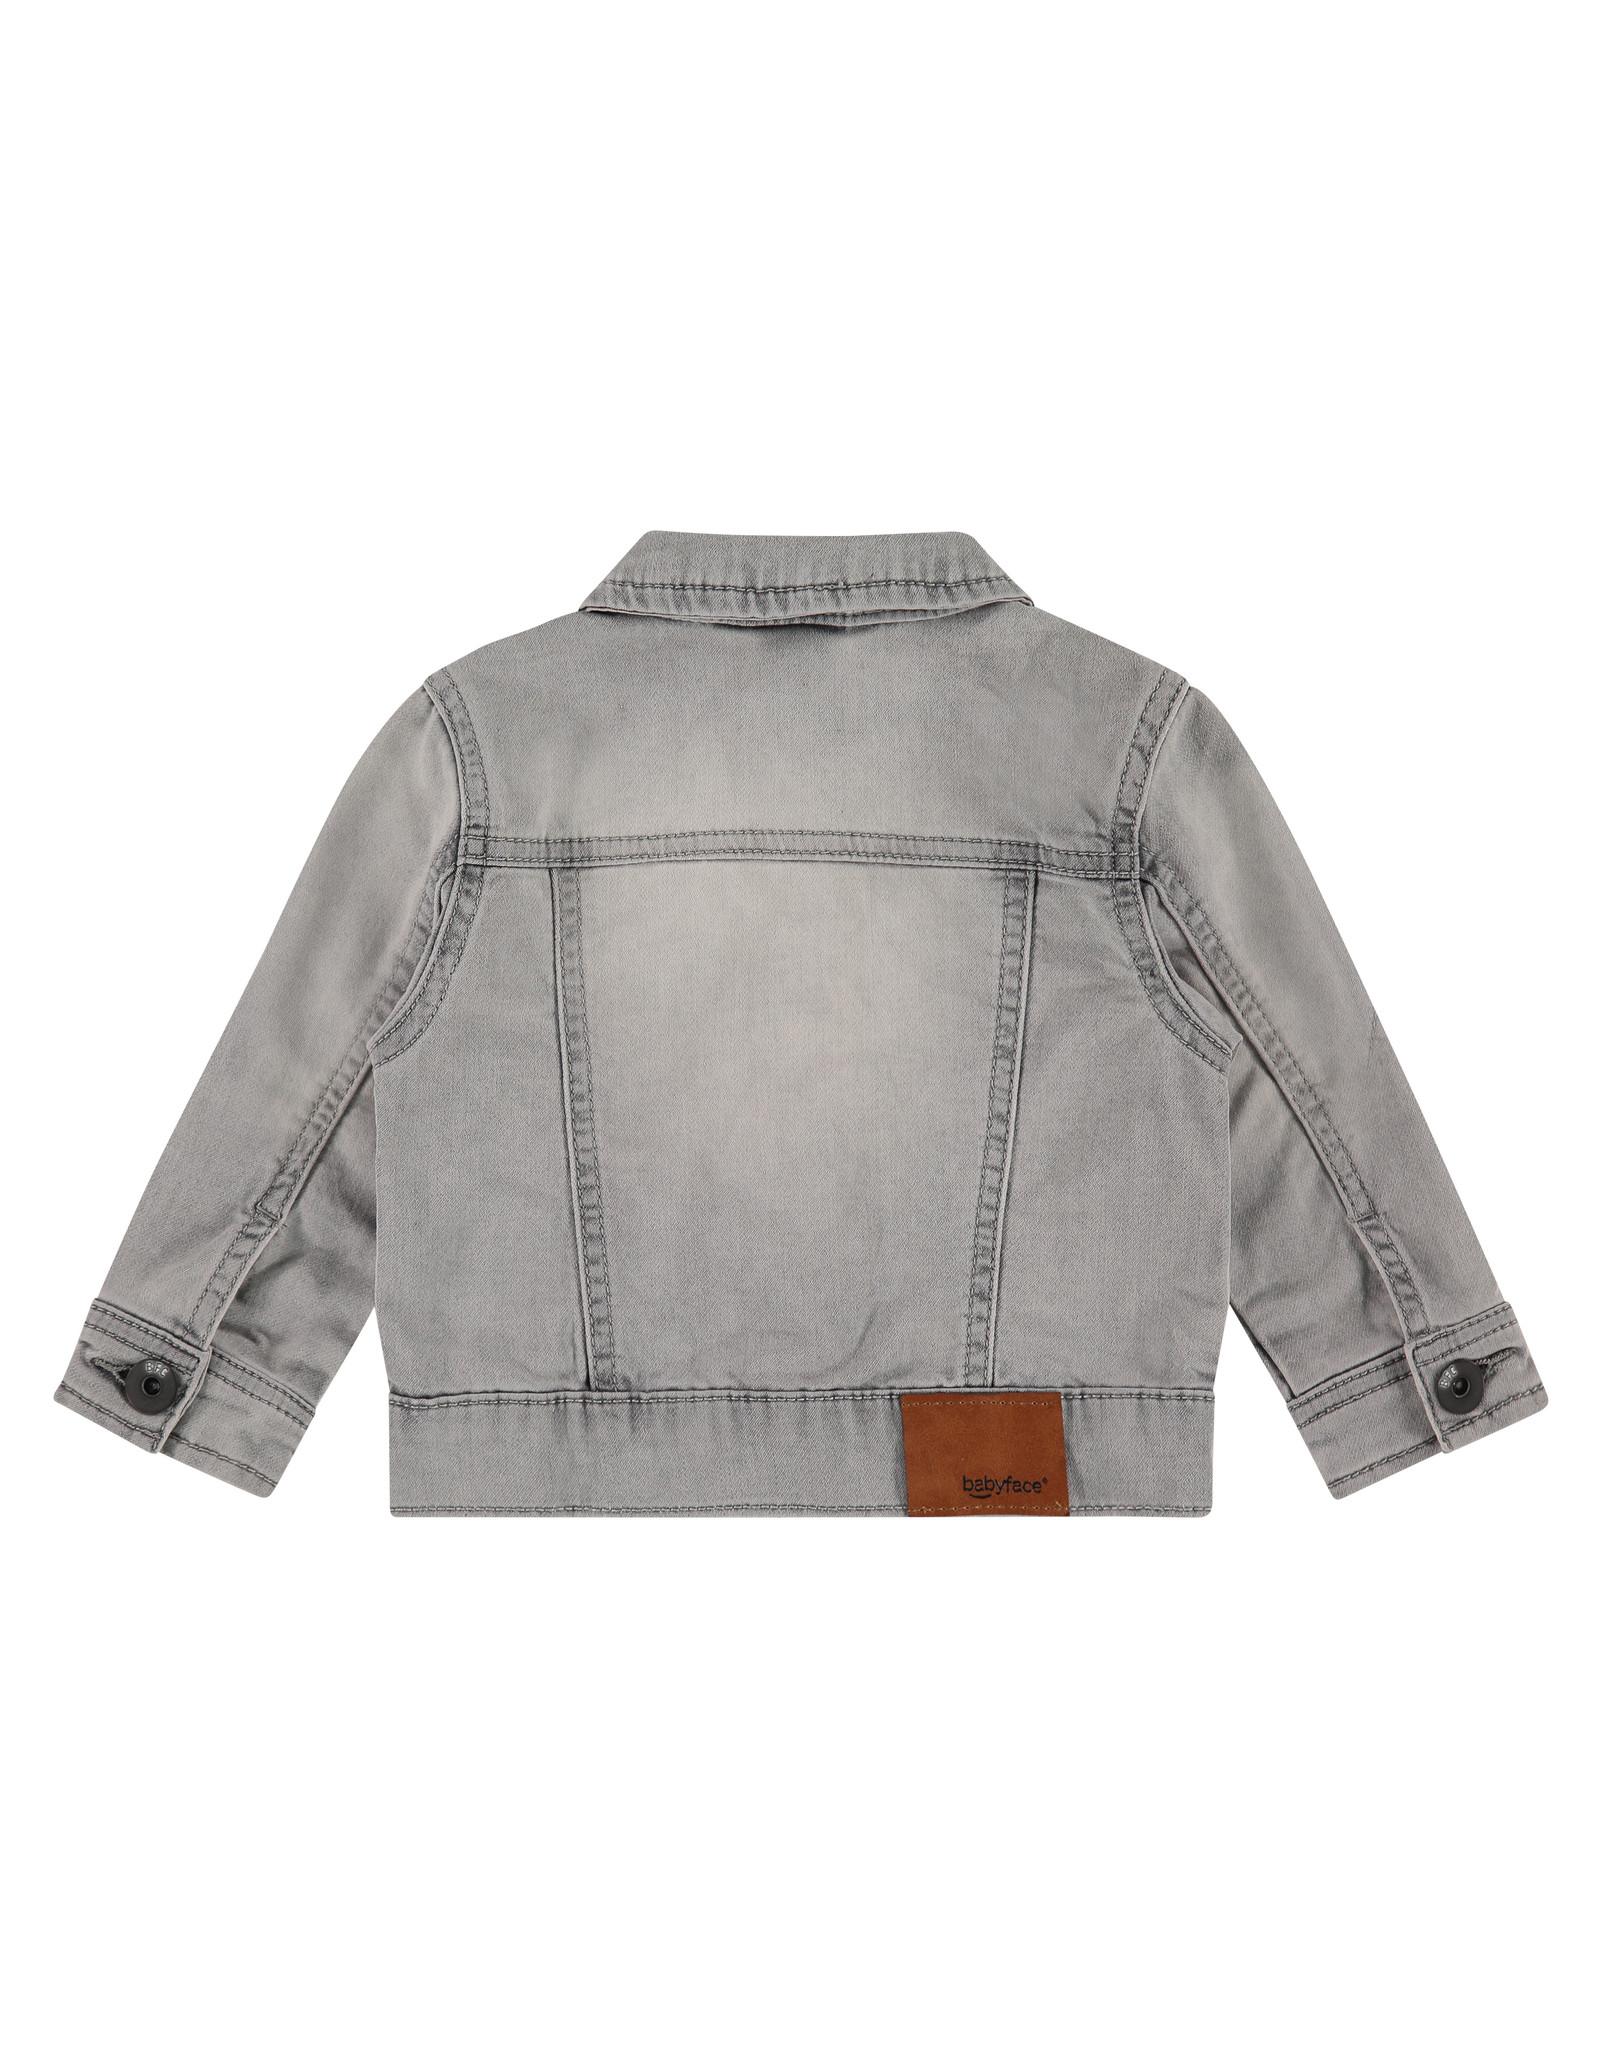 Babyface boys jogg jeansjacket, light grey denim, BBE21107113